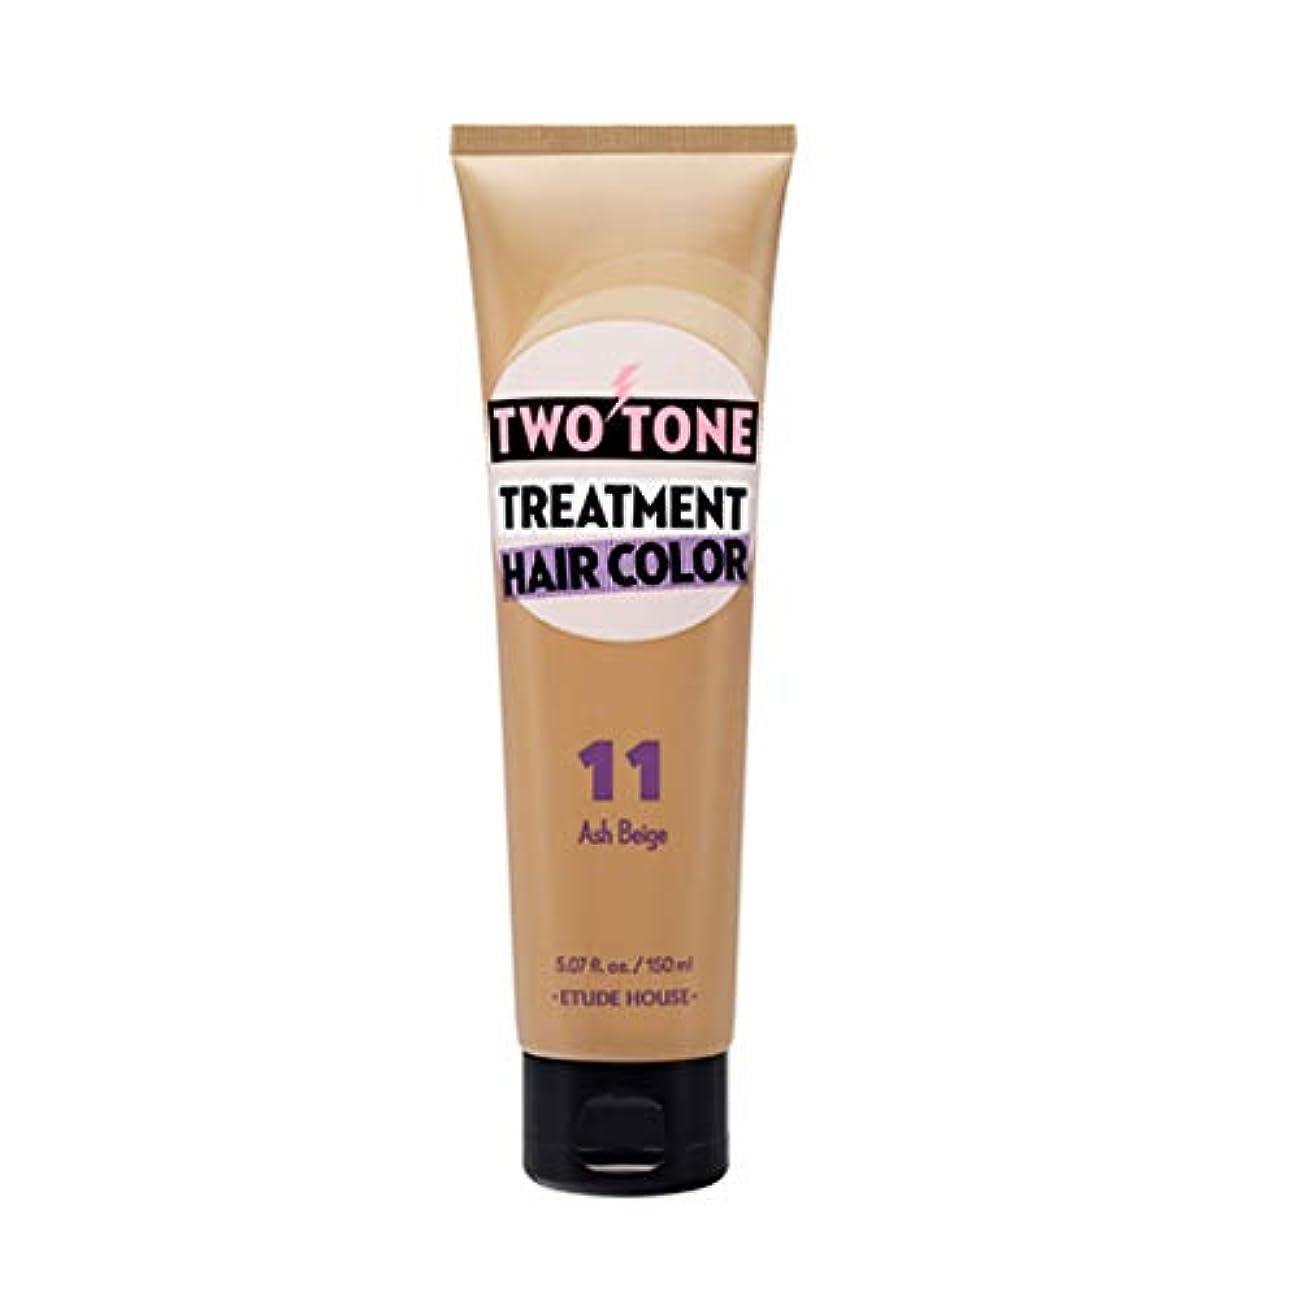 専門用語補正使い込むETUDE HOUSE Two Tone Treatment Hair Color (#11 Ash Beige) エチュードハウス ツートントリートメントヘアカラー150ml (#11 アッシュベージュ)